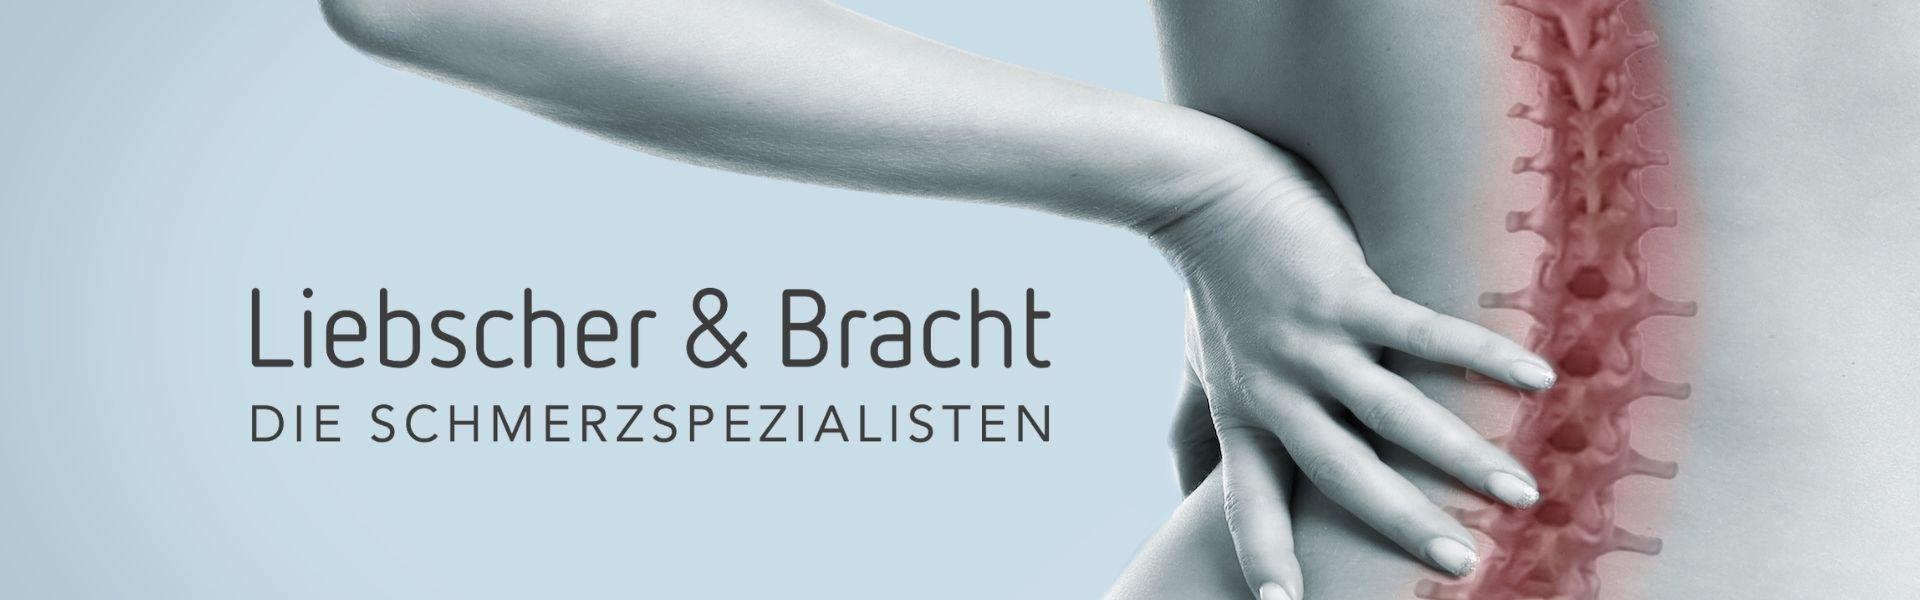 Liebscher-Bracht-Schmerztherapie